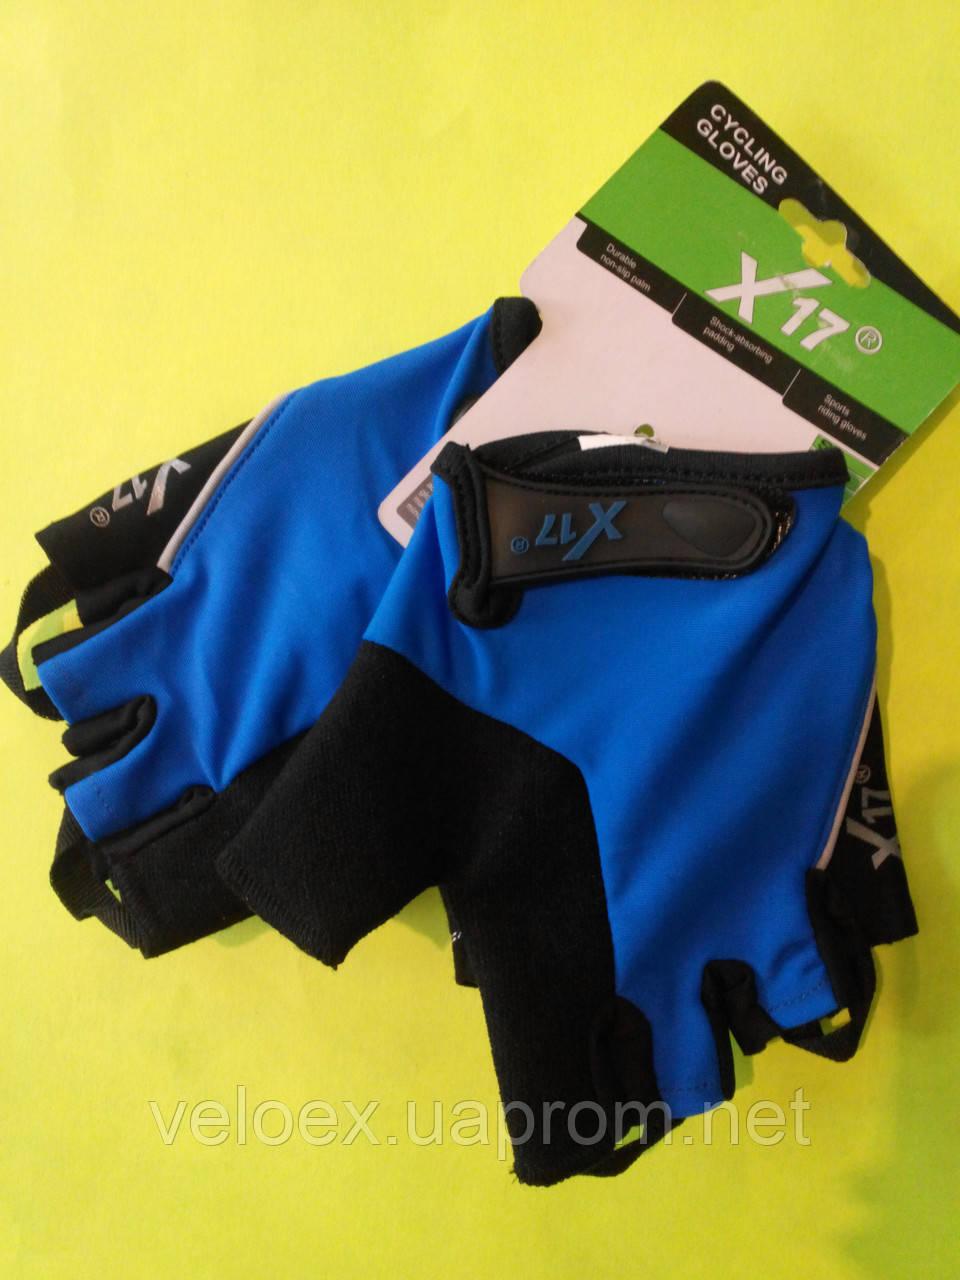 Перчатки X17 XGL-524BL сине-черные